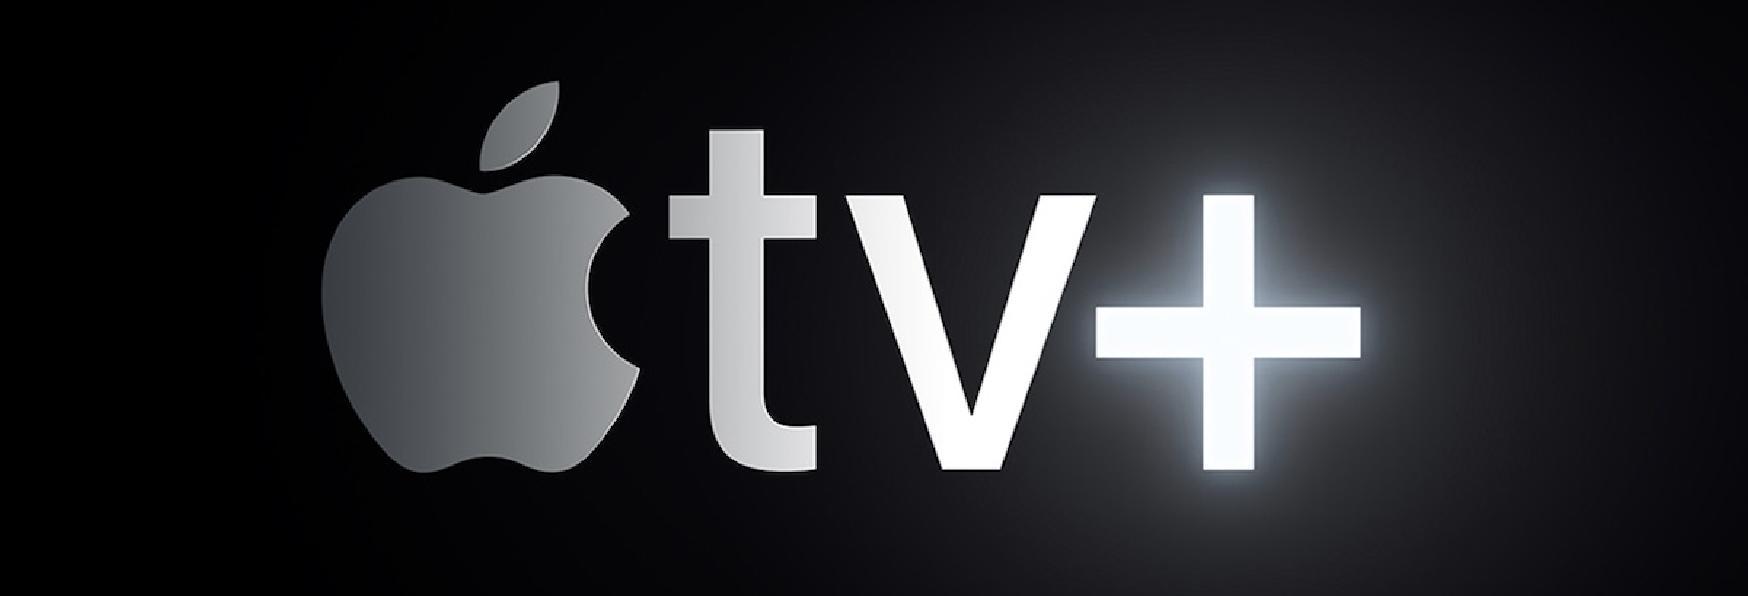 AppleTV+: le Serie TV in arrivo sulla Nuova Piattaforma Streaming